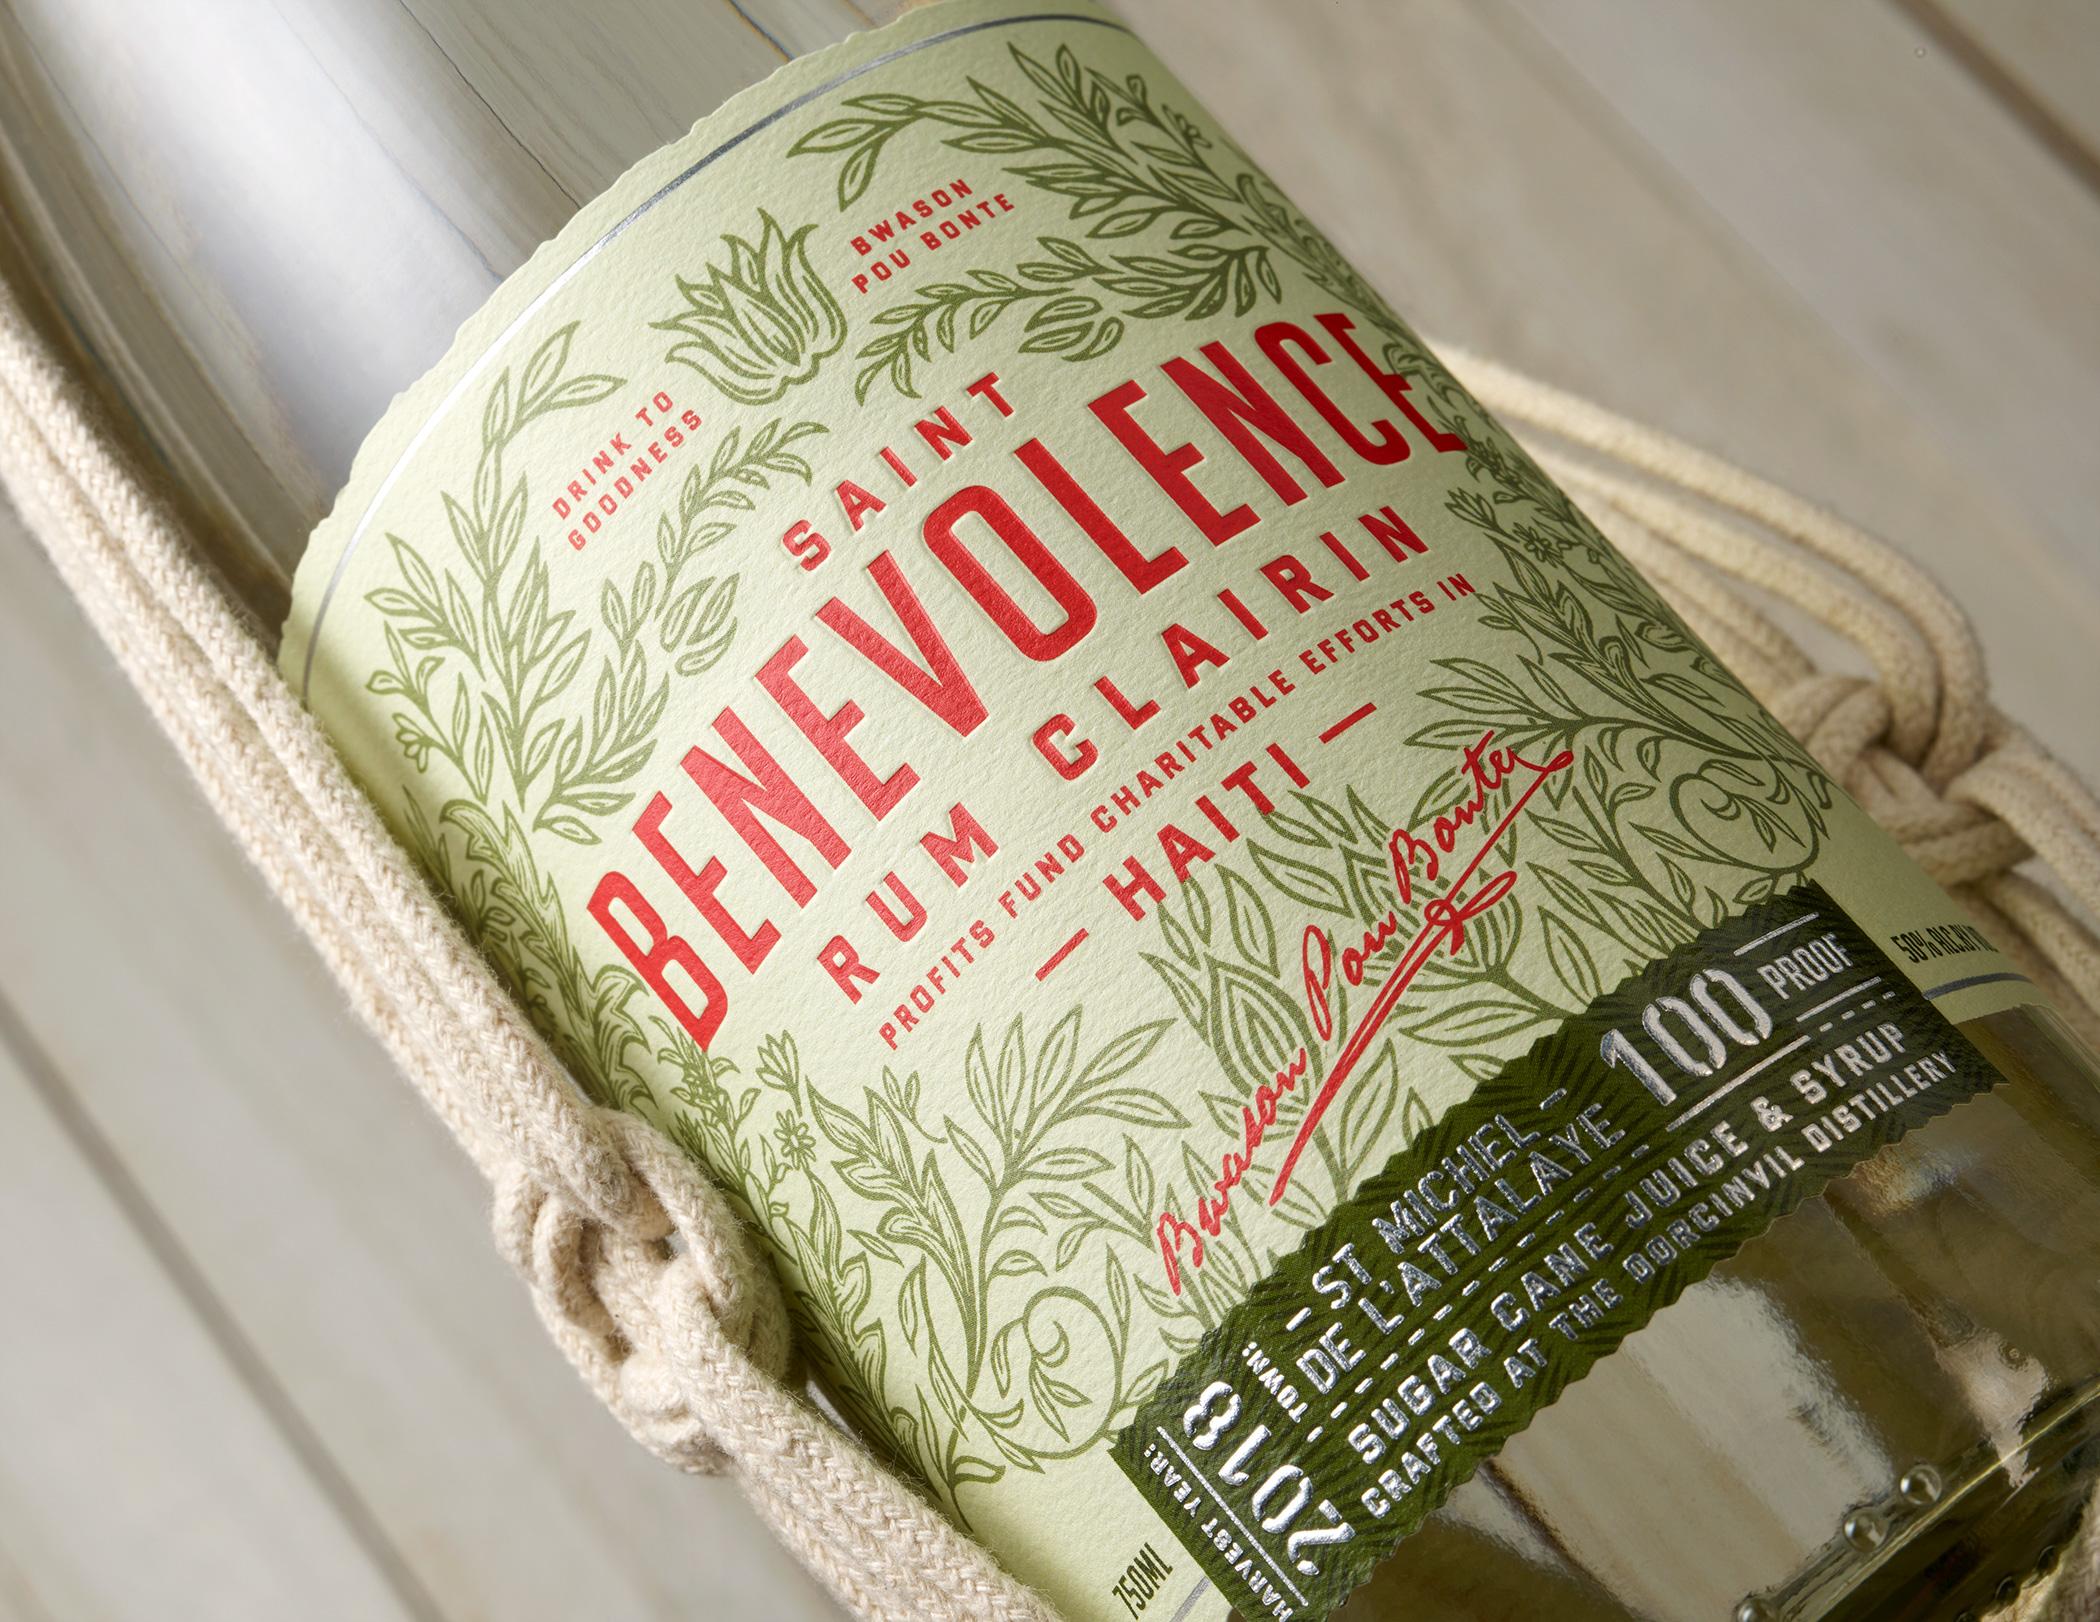 Benevolence Rum Clairin Label